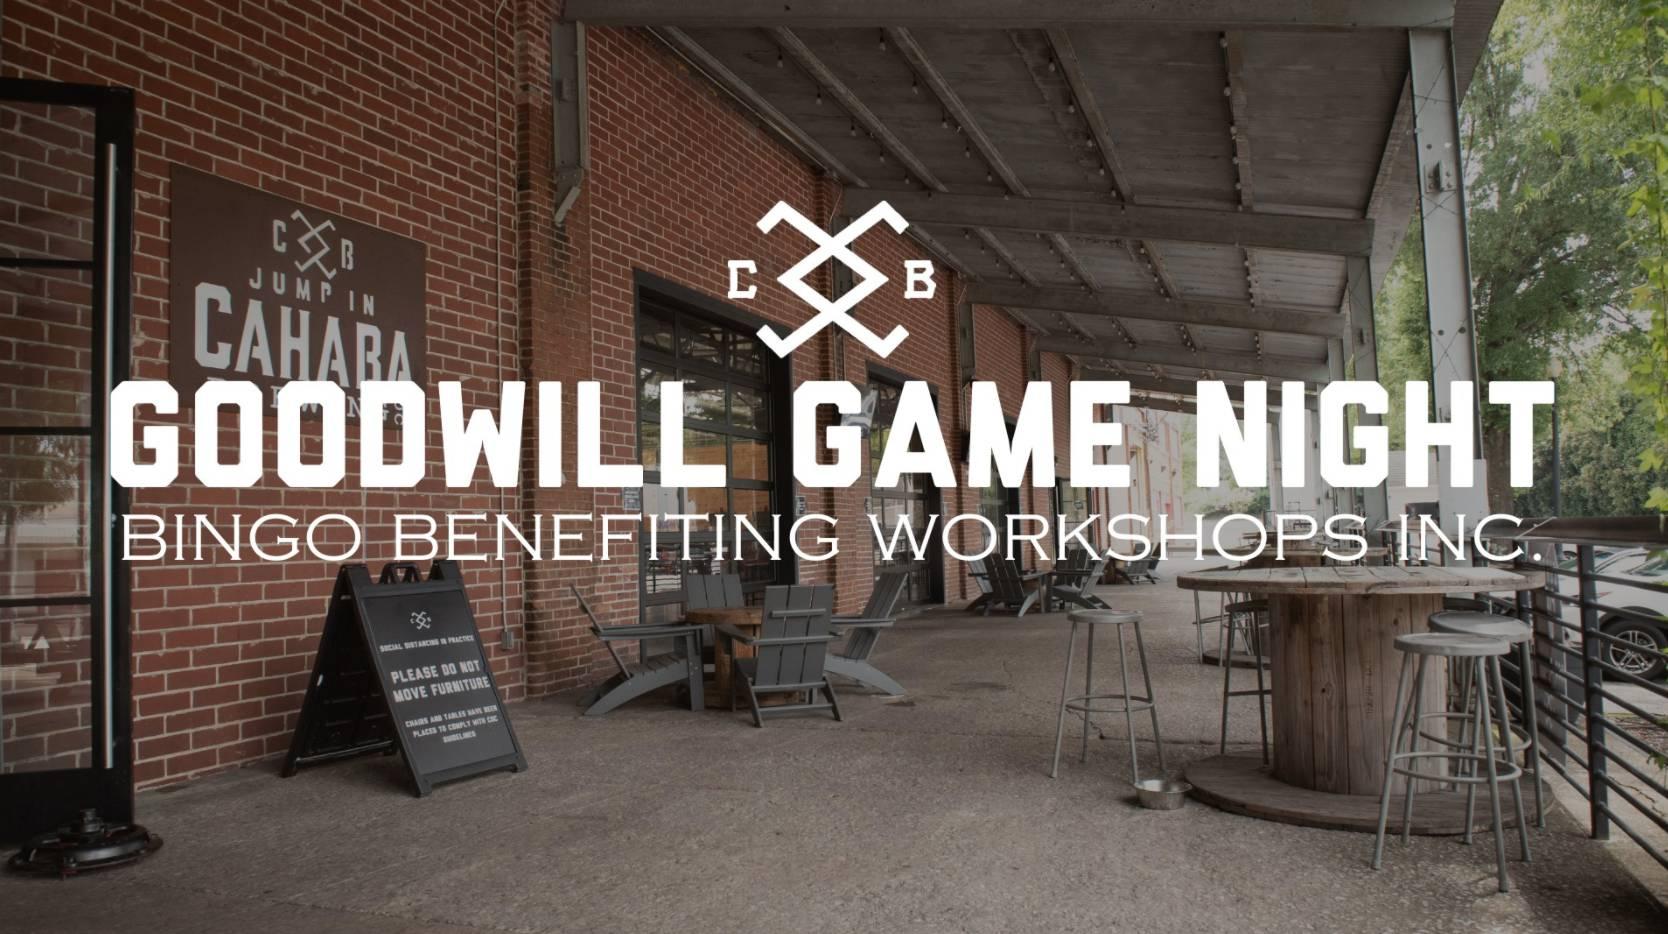 Goodwill Game Night: Bingo